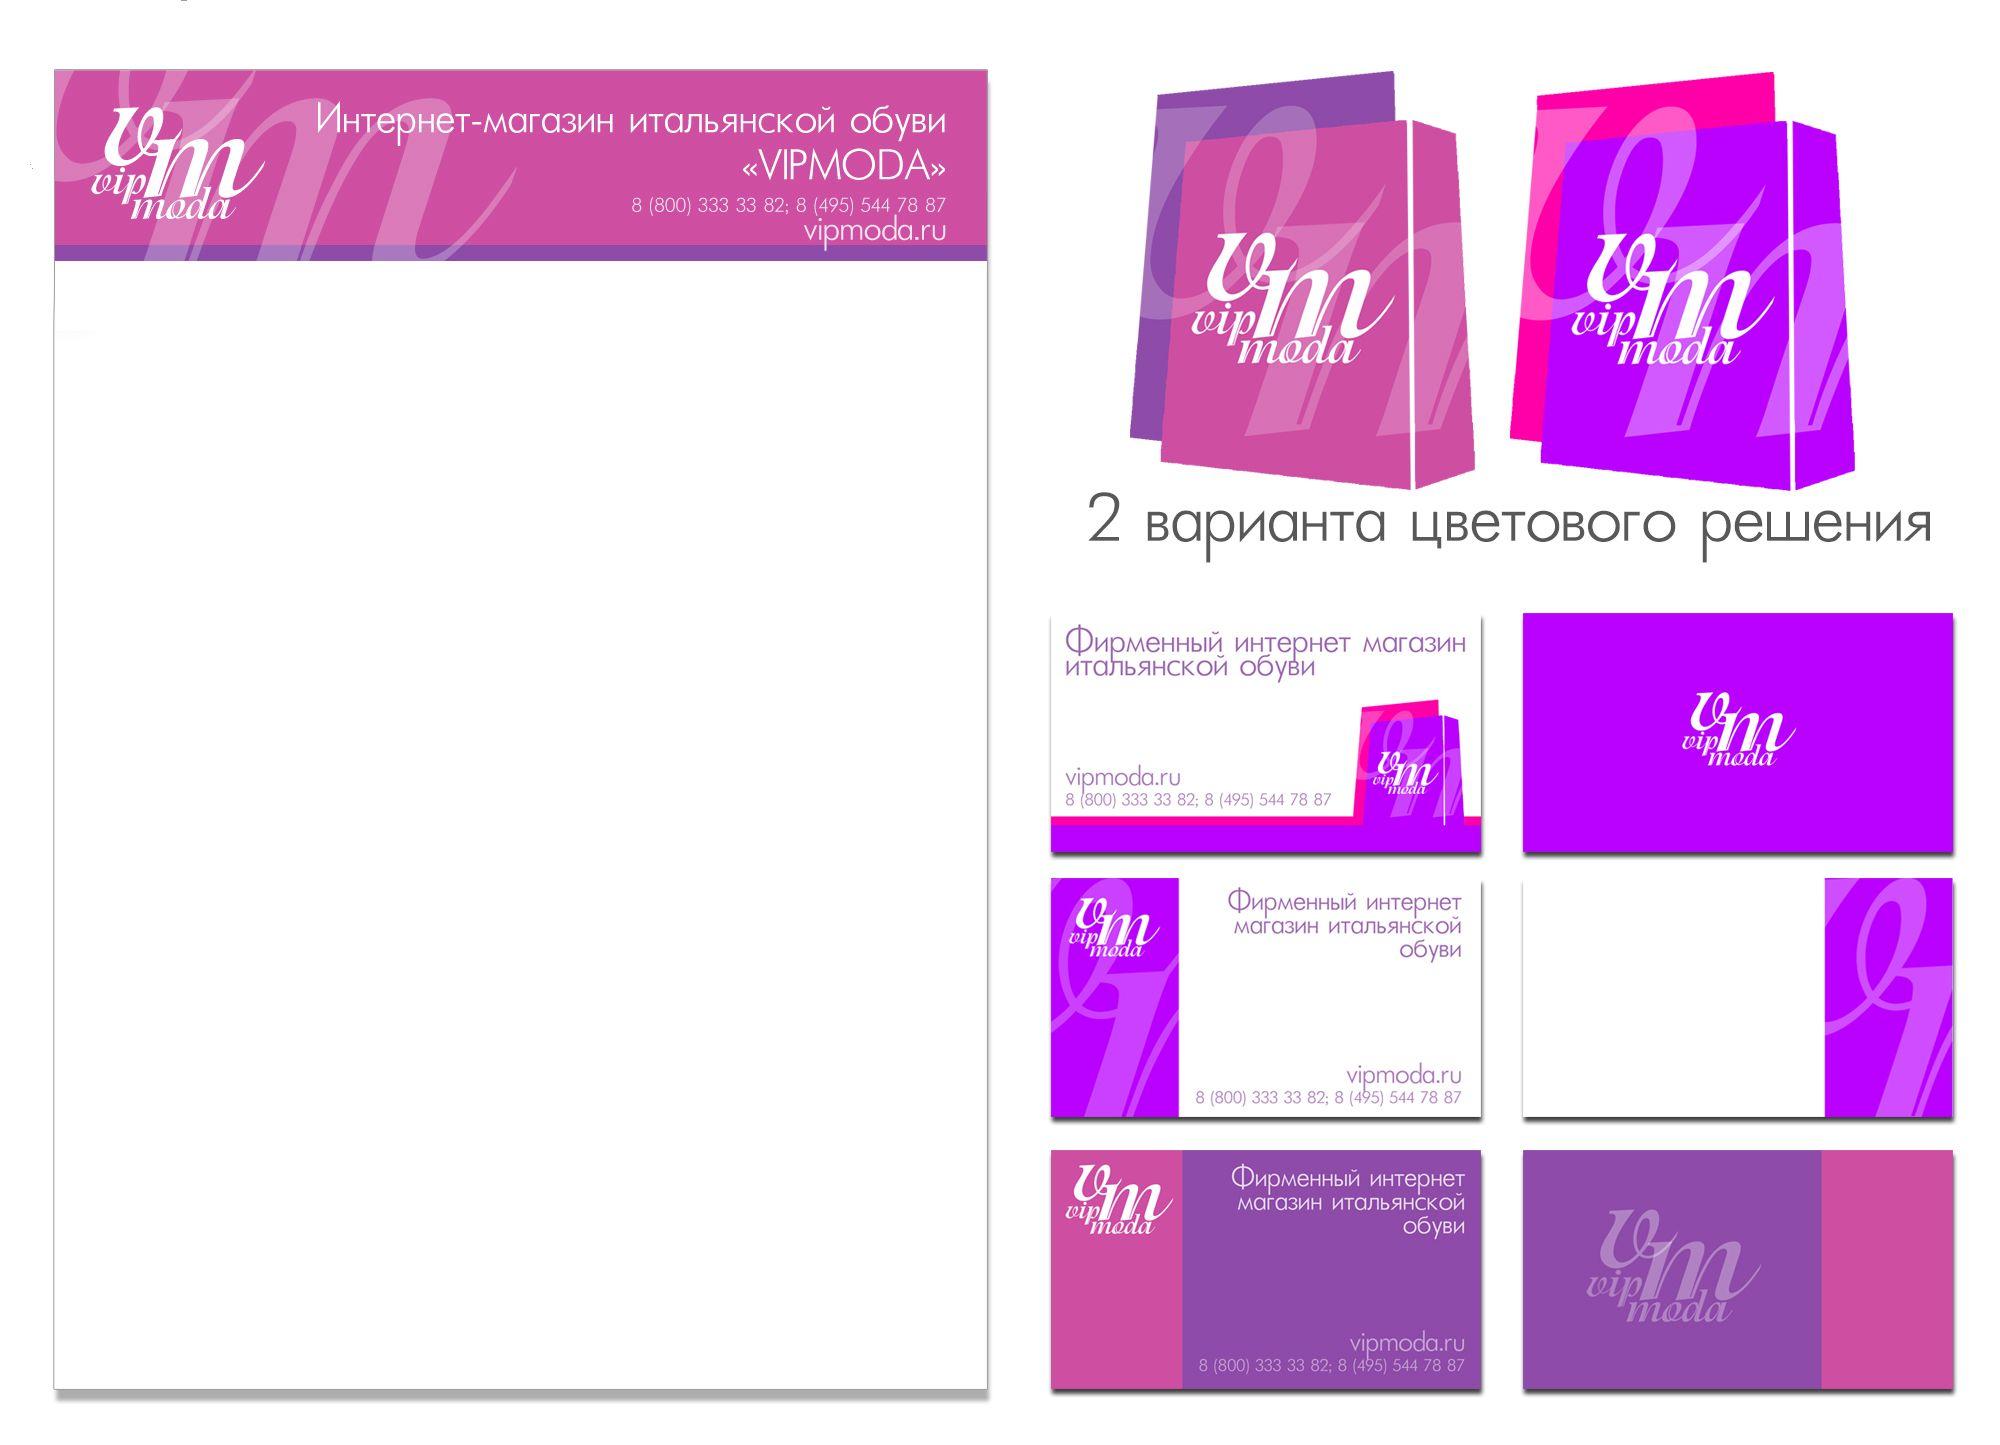 Лого и фирменный стиль компании ВИПМОДА  - дизайнер AkioShion